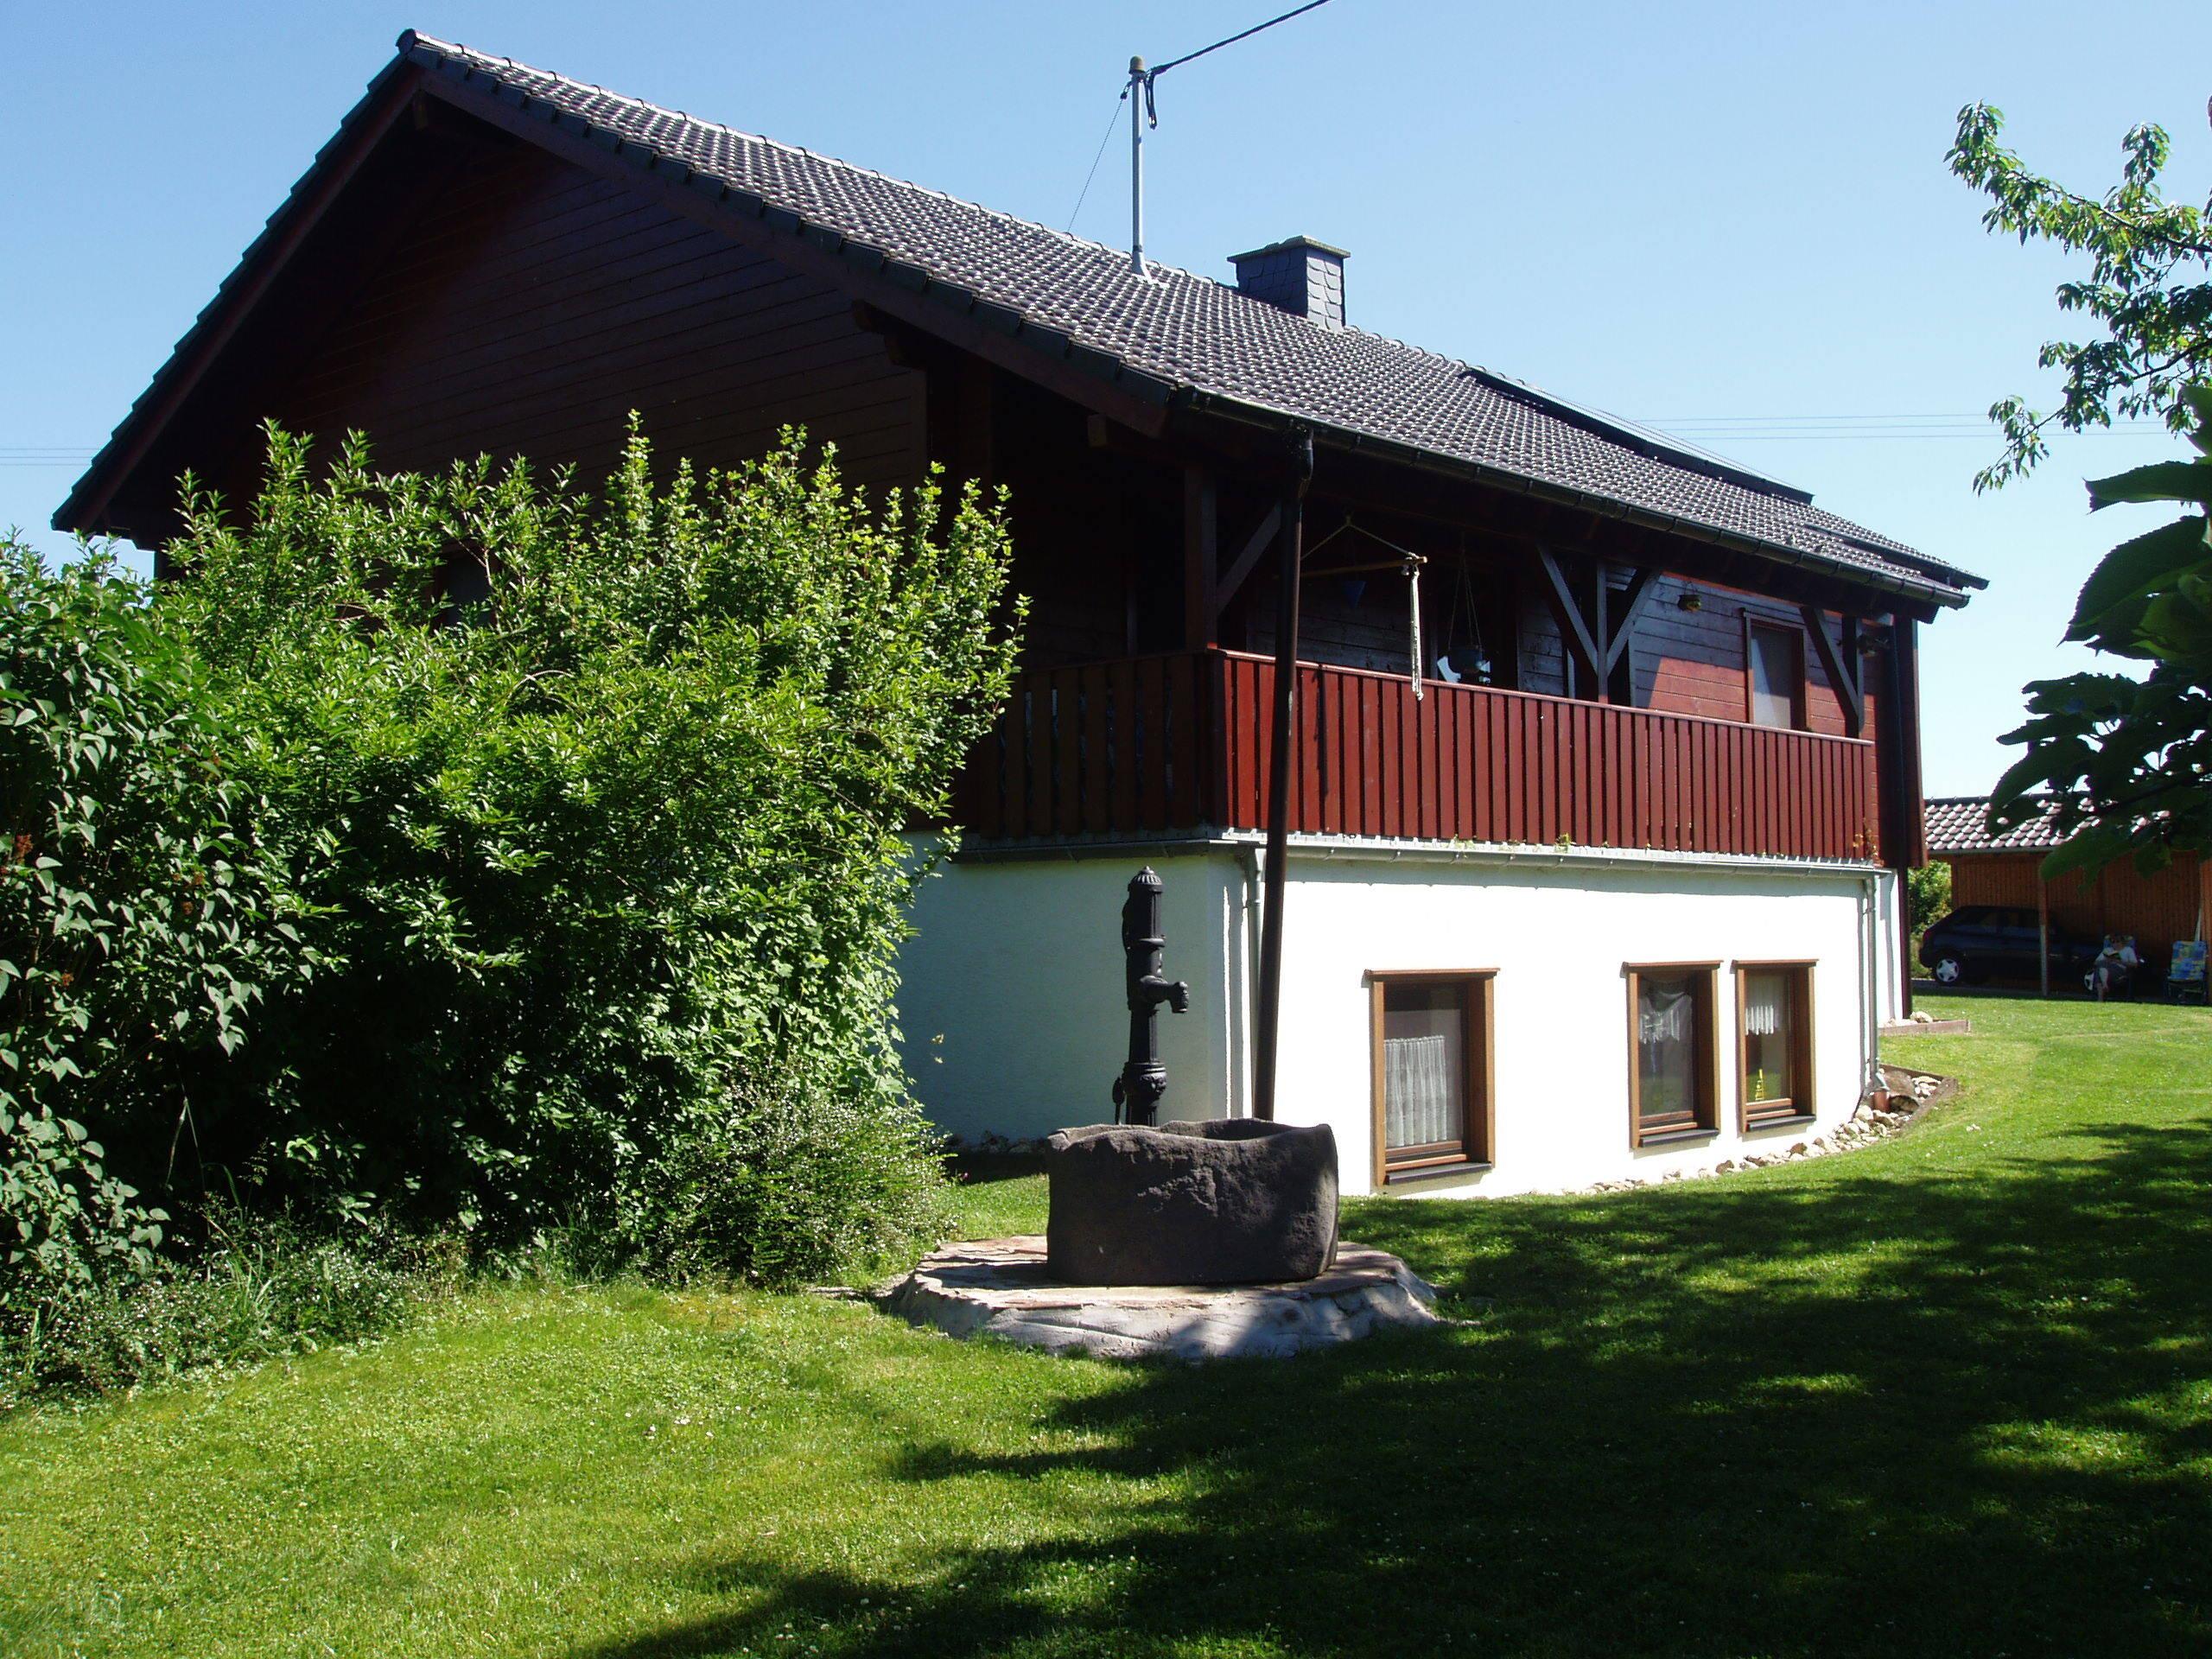 Wohnung-barrierefreies Badezimmer-Gartenblick - Basistarif